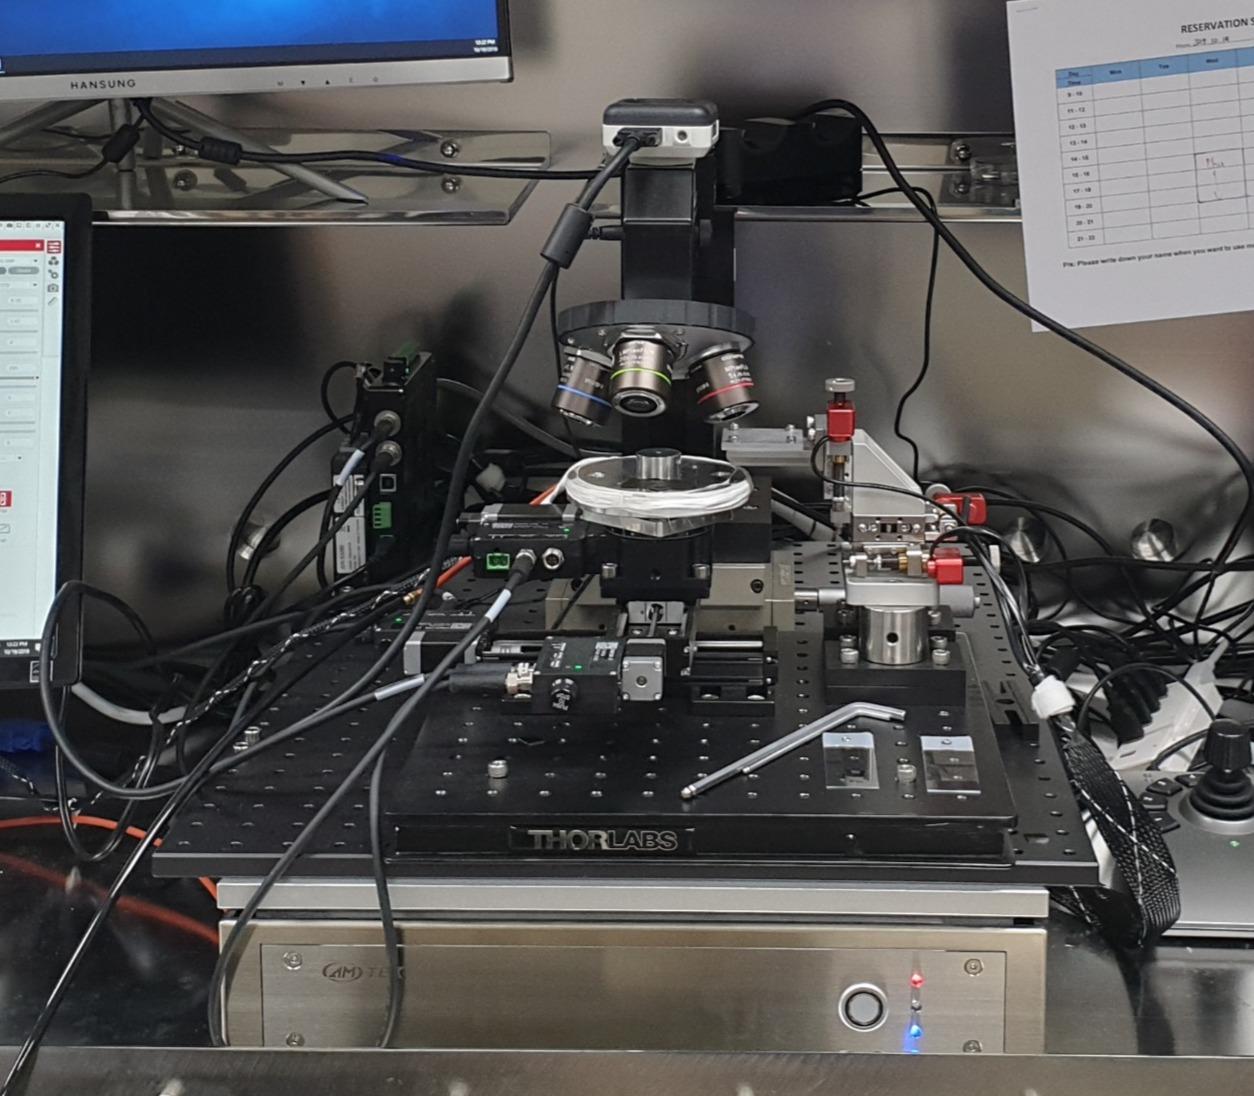 Autofinder system